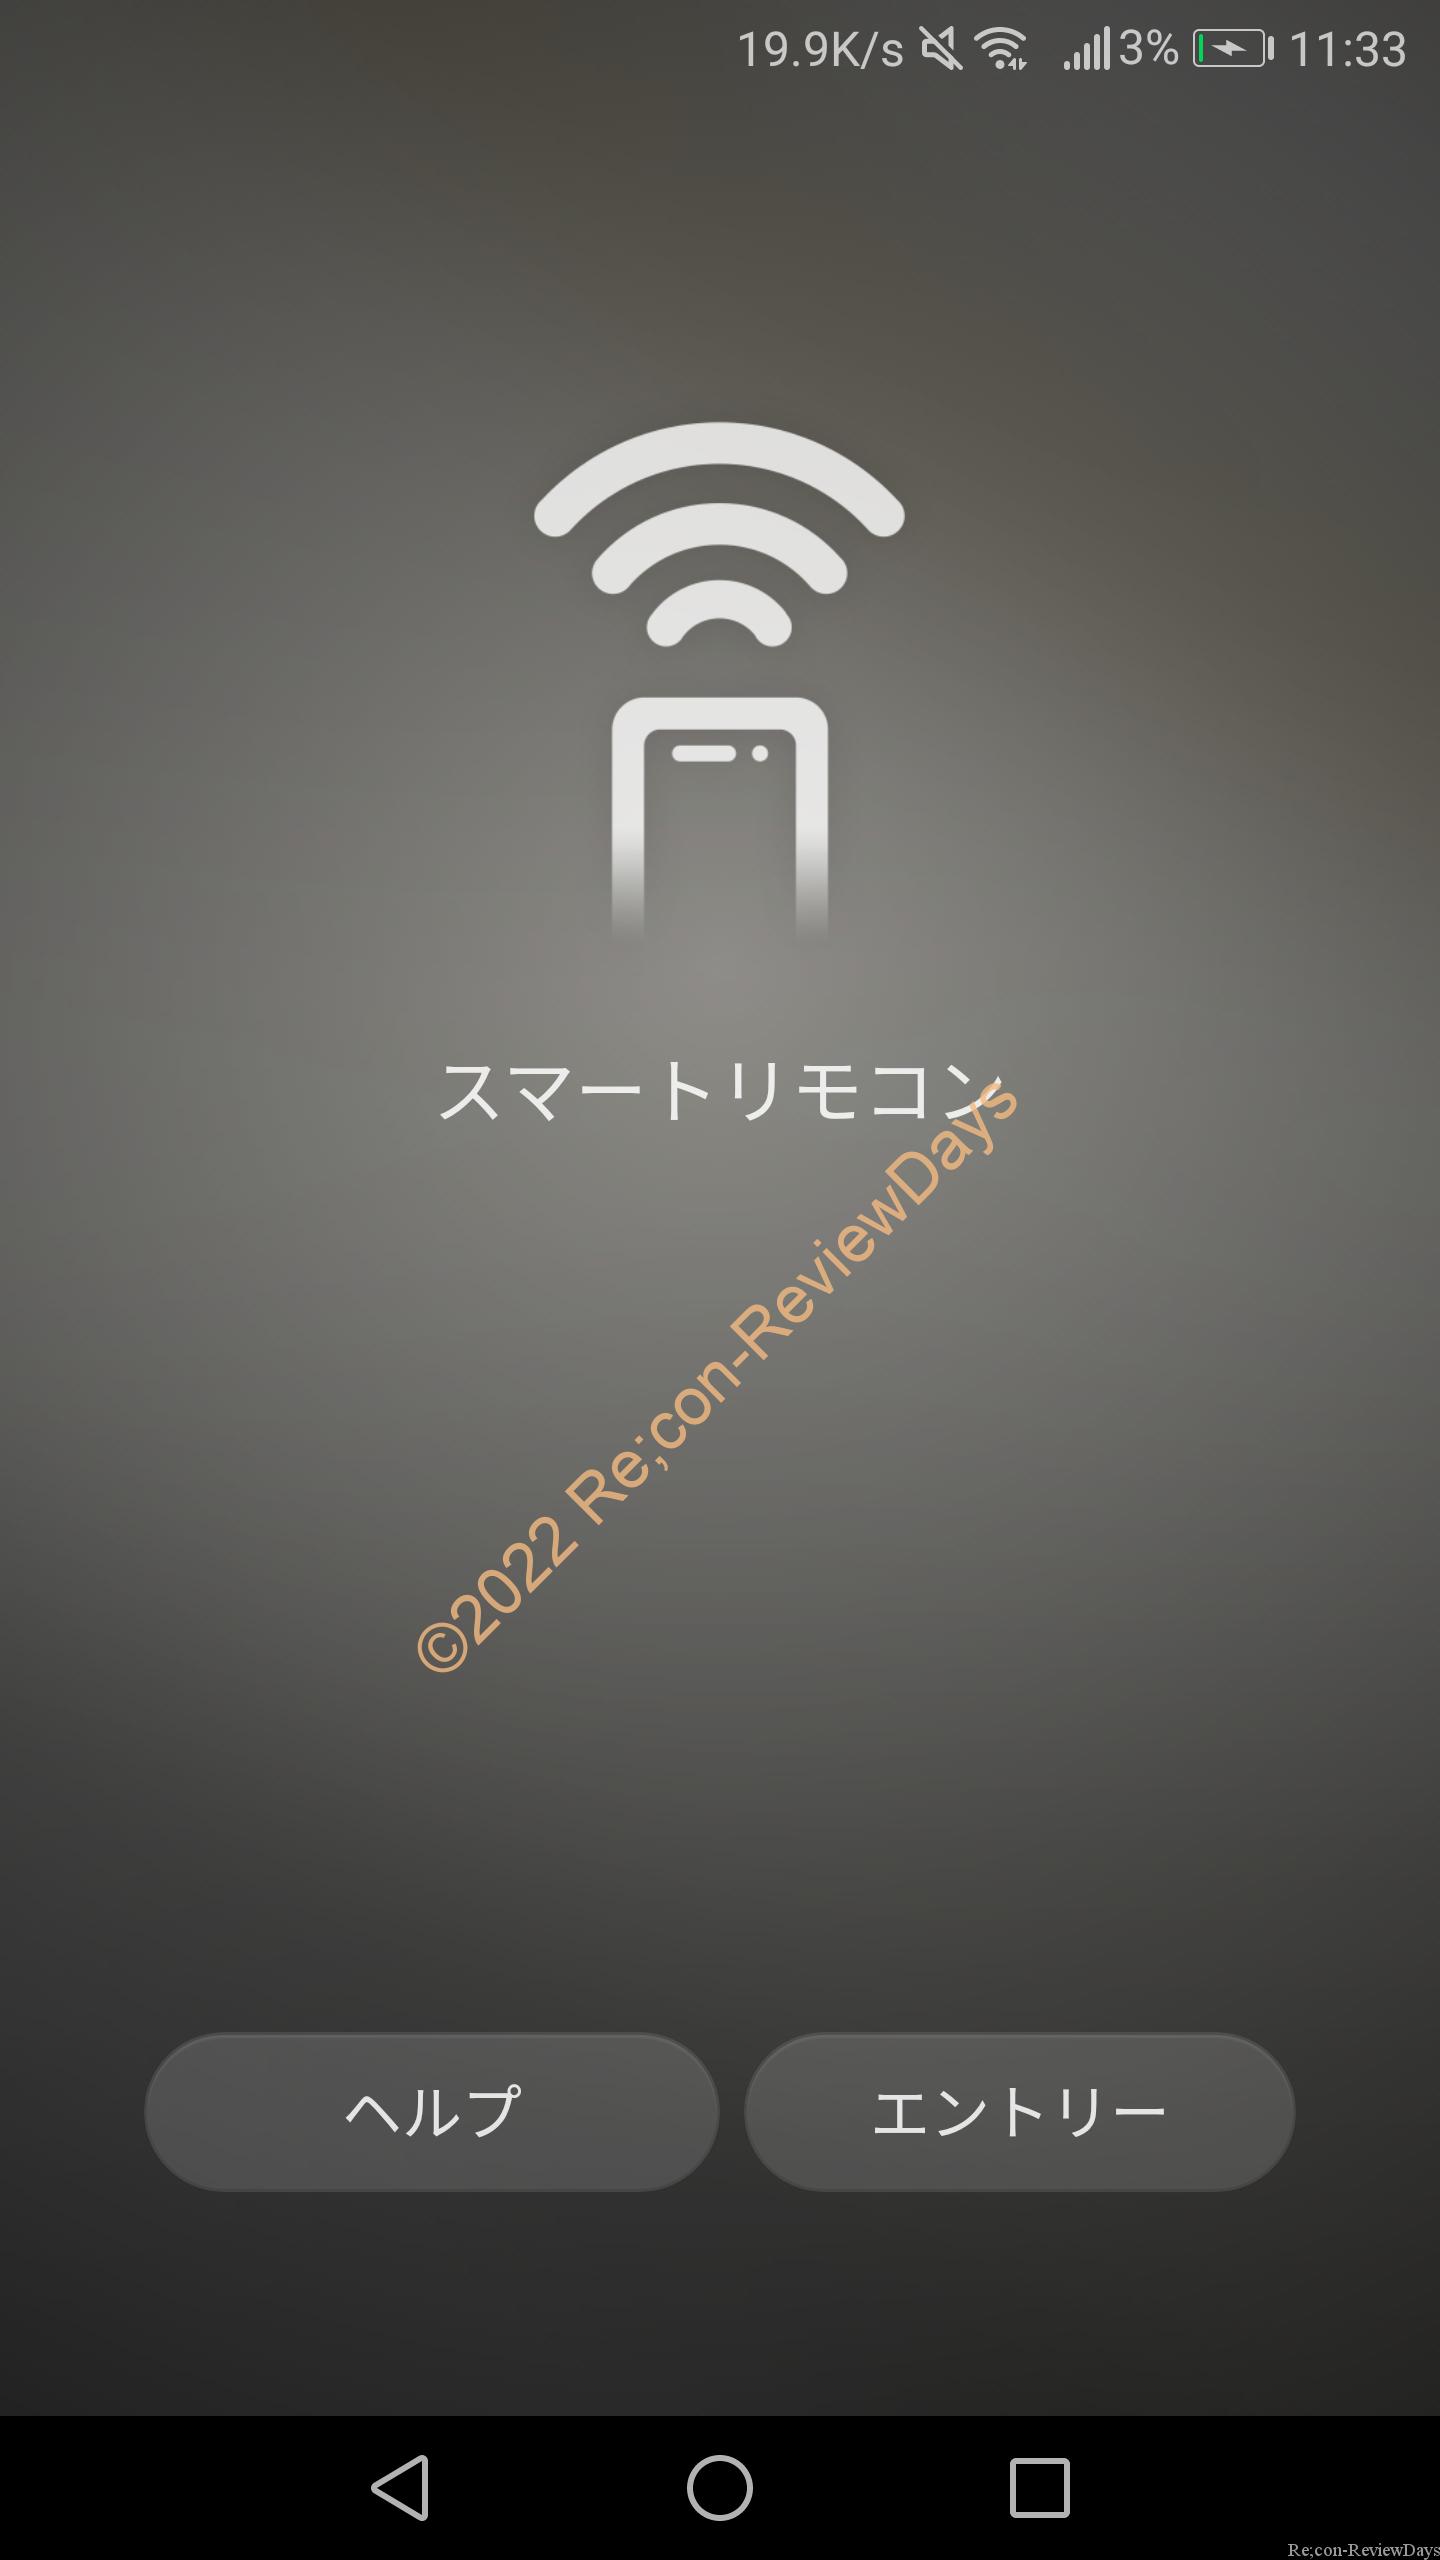 Huawei P10 Plusの赤外線センサーを内蔵アプリ「スマートリモコン」を使って家電機器を操作する #Huawei #P10Plus #Huaweiタッチアンドトライ